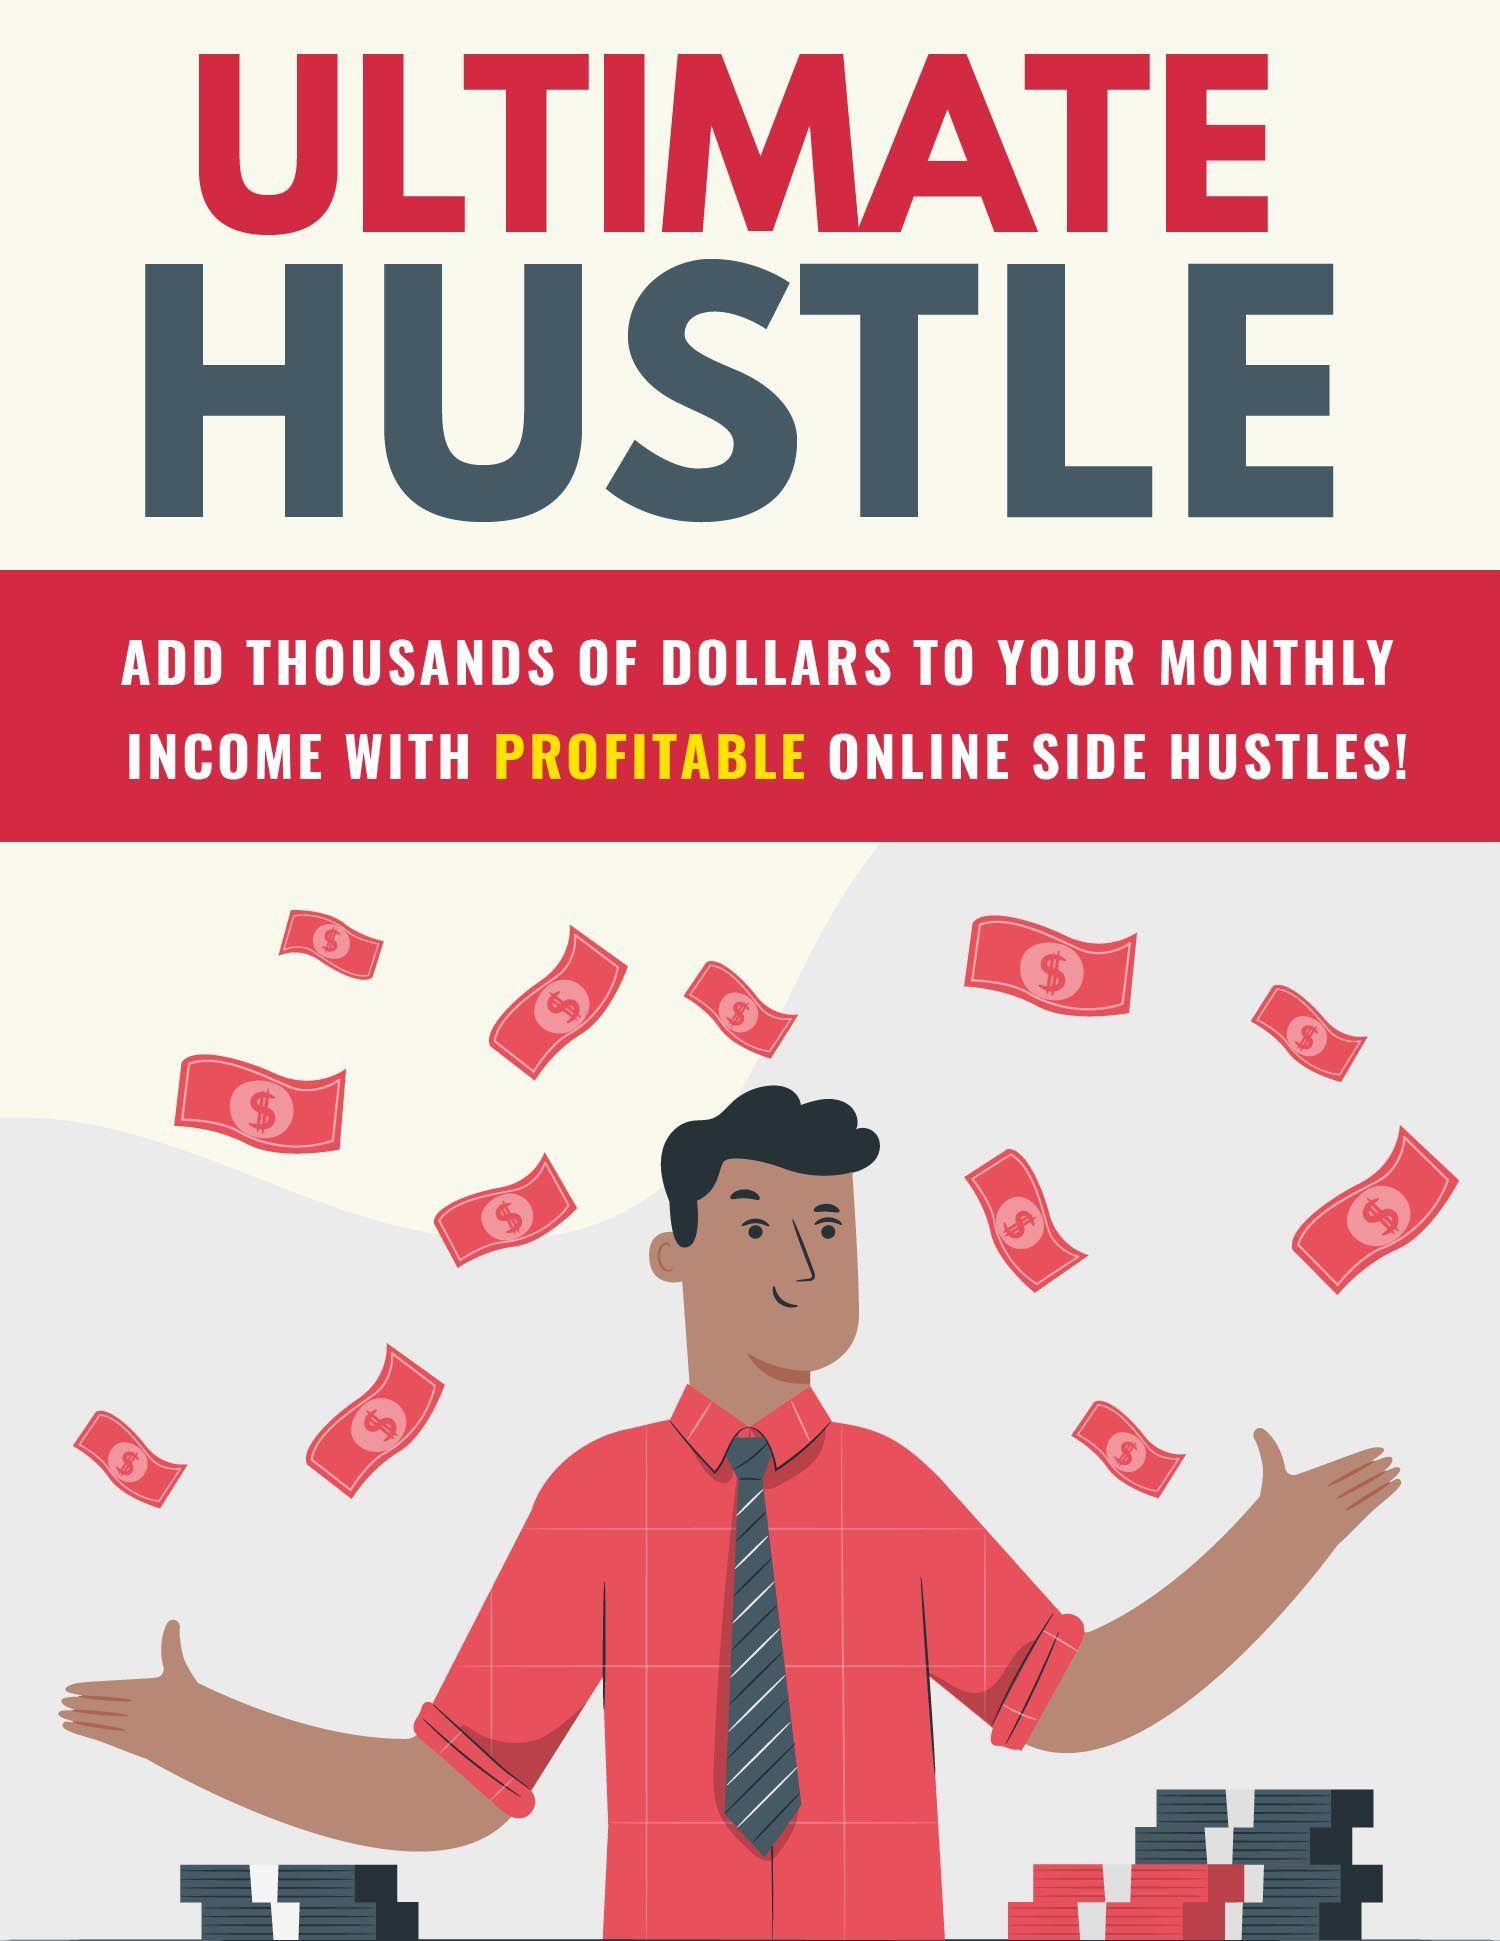 Ultimate Hustle eBook's Ebook Image